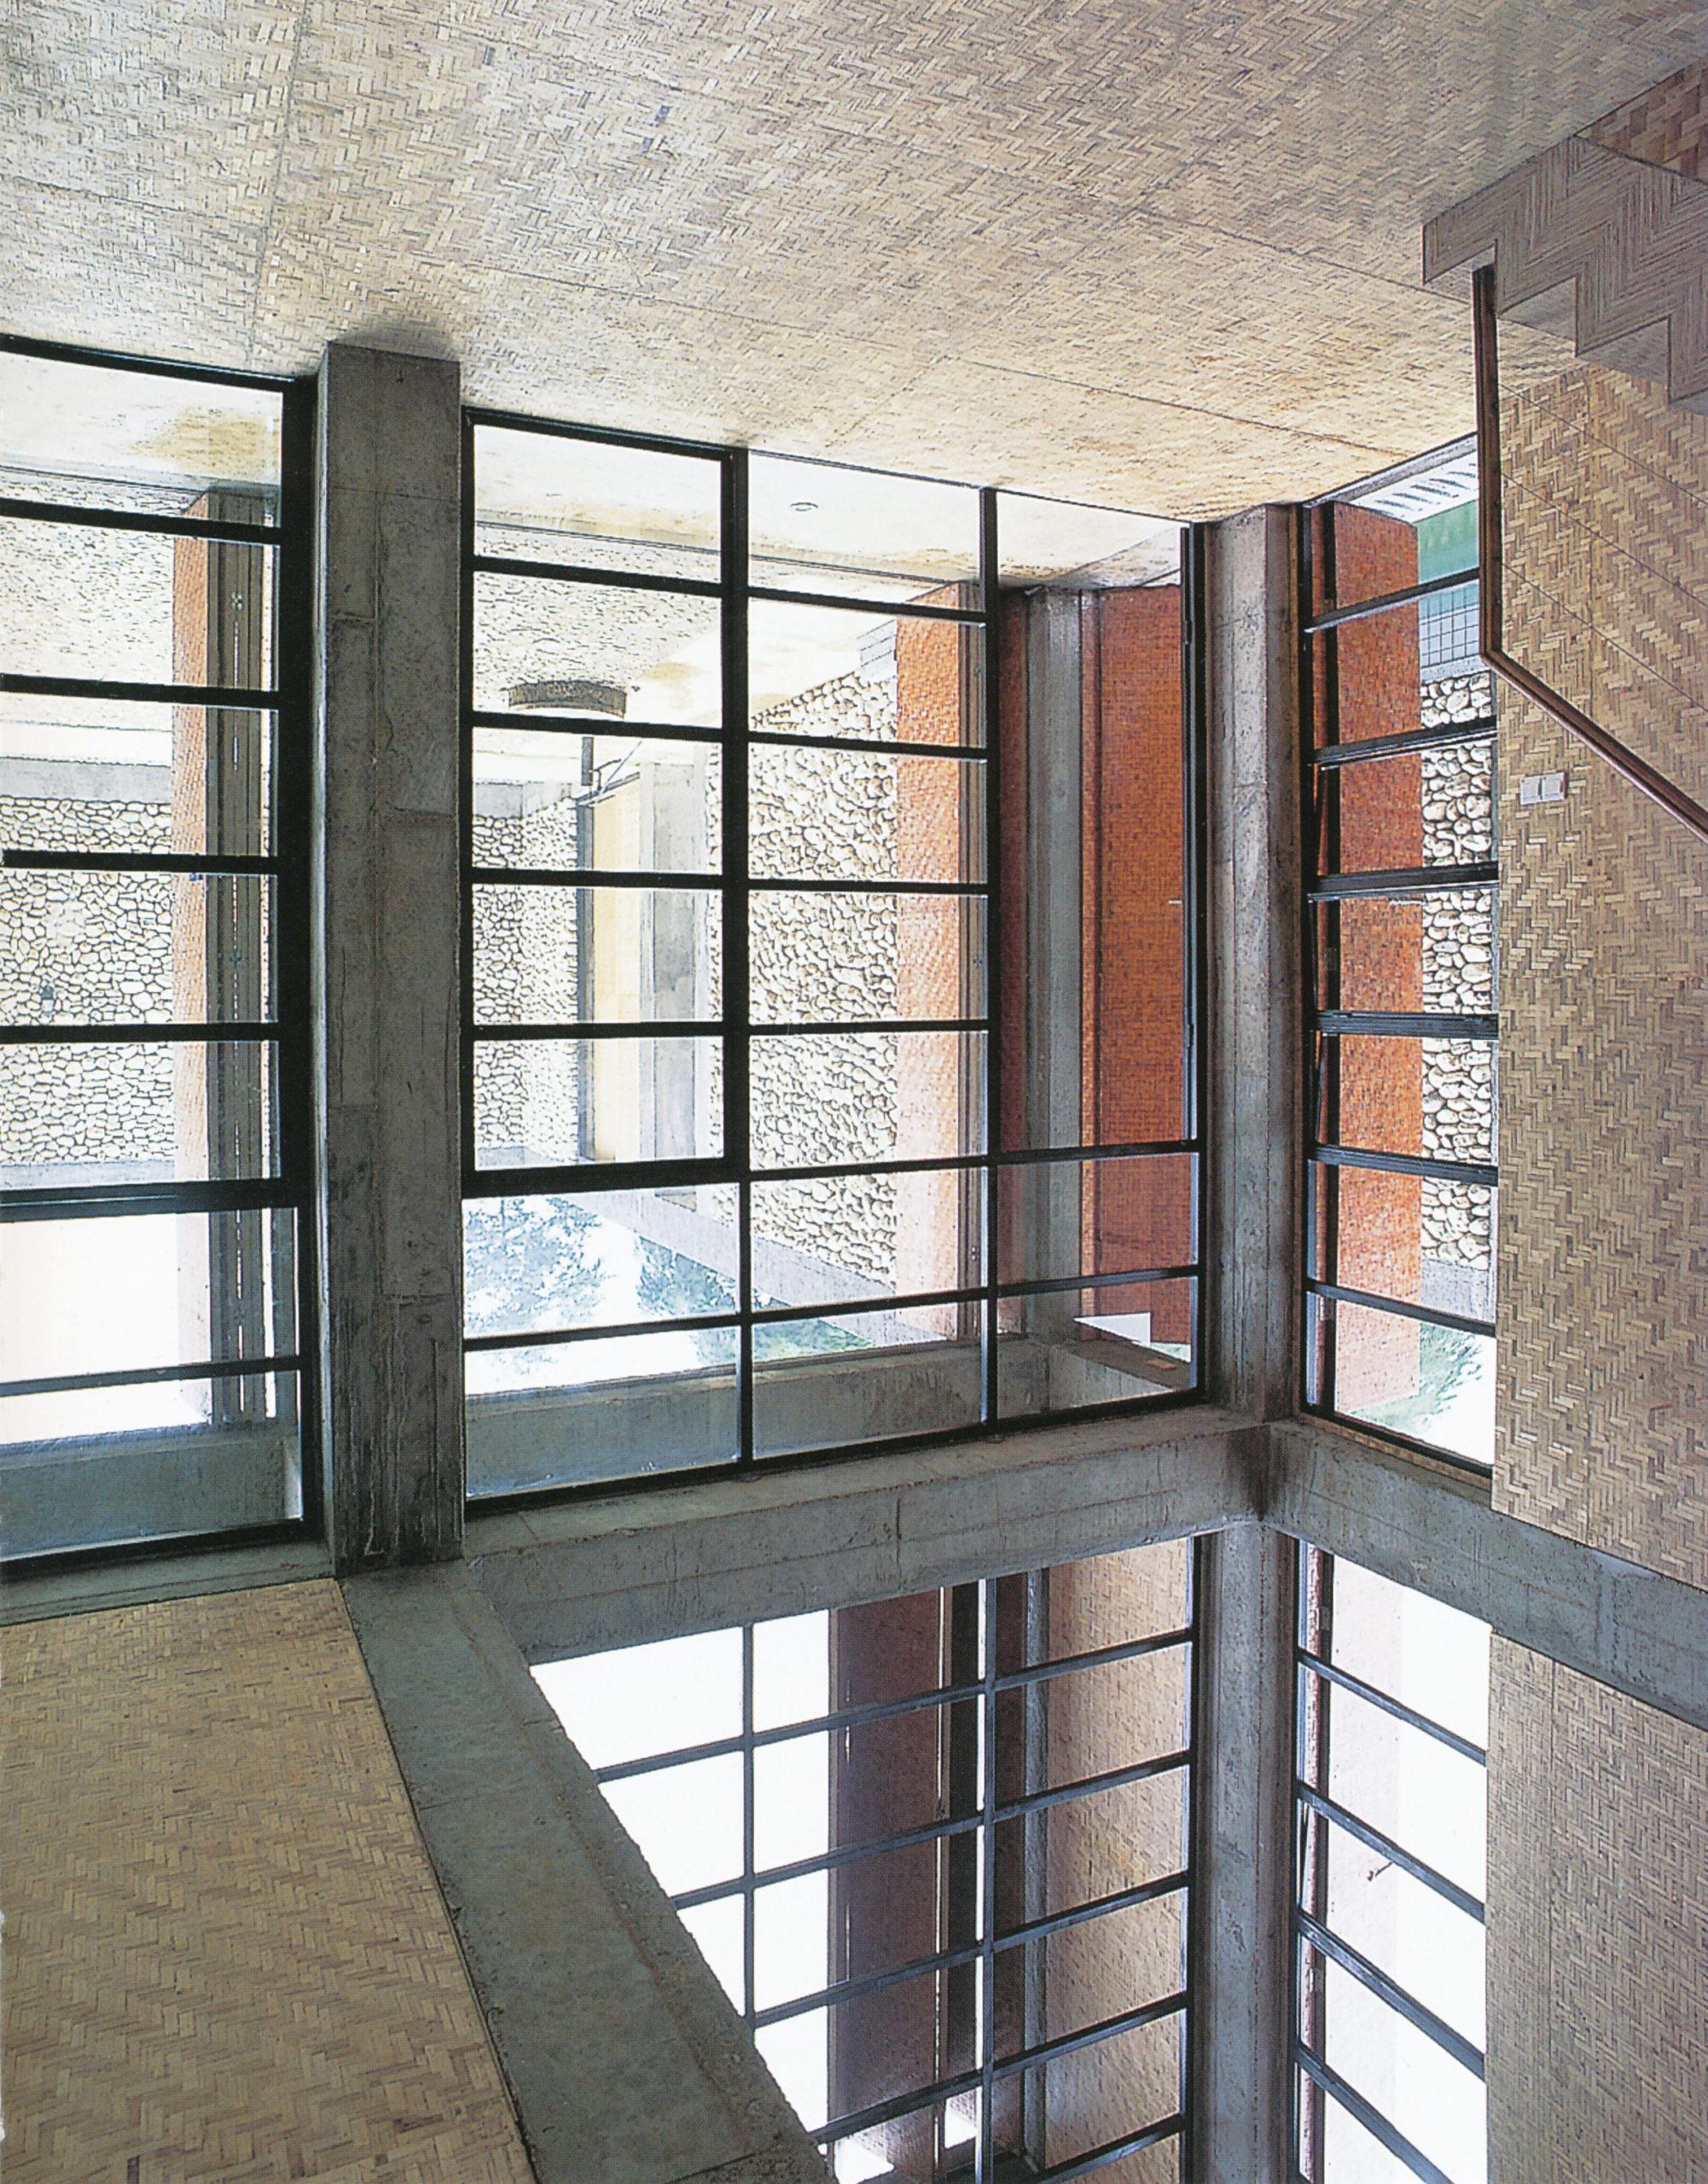 شرکت معماری مادا اس.پی.اِی.ام.، خانهی پدر در کوهستان جِید؛ چین، 2003